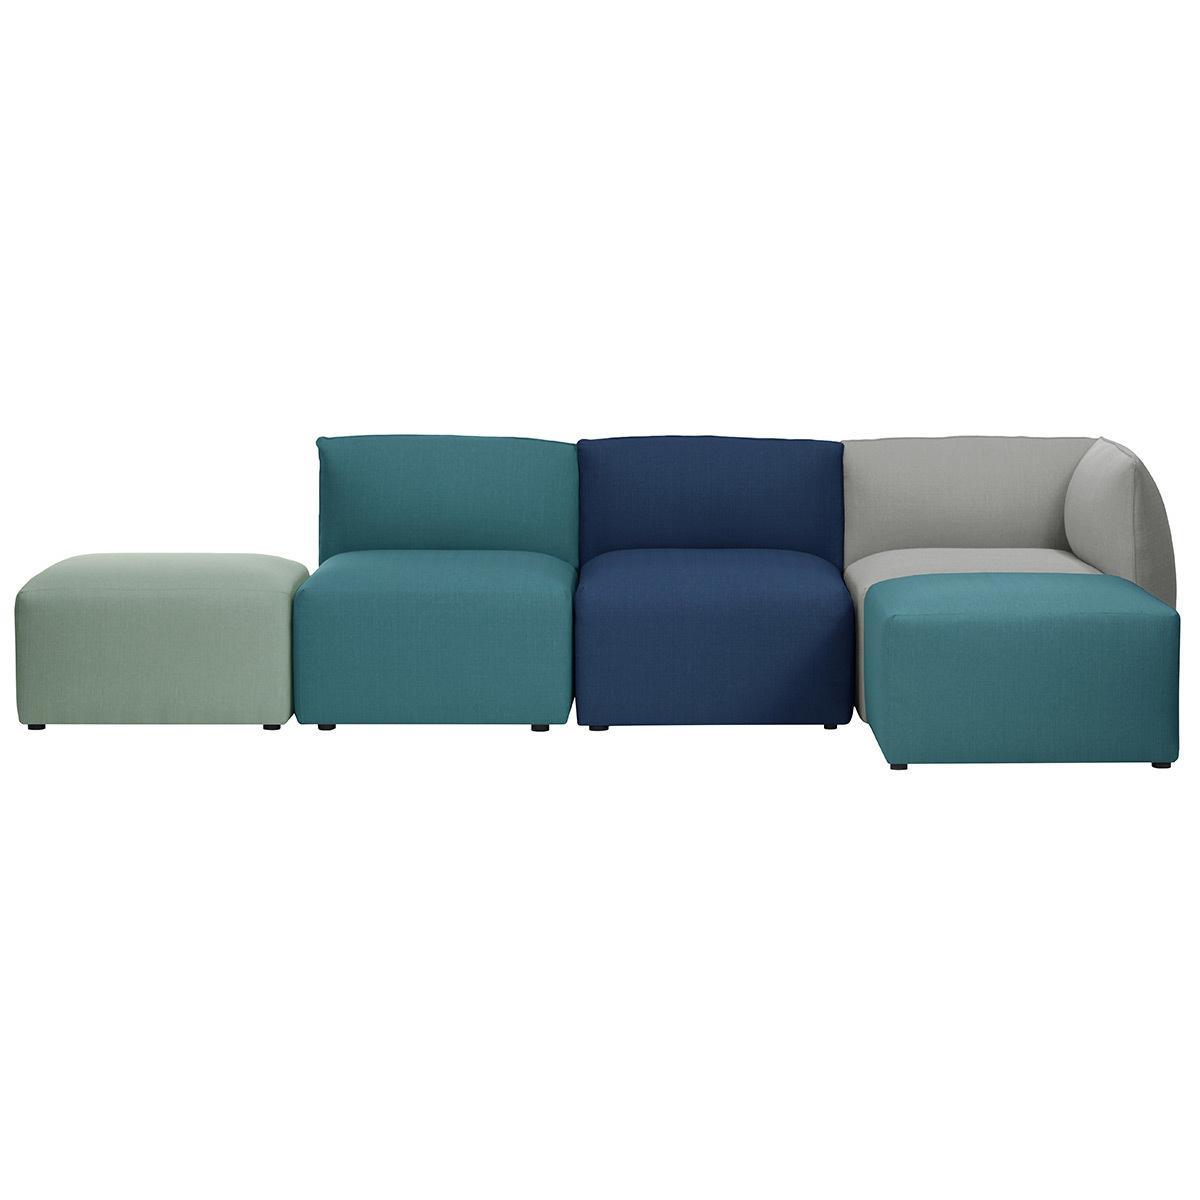 Divano angolare design modulabile multi-colore 4 posti MODULO